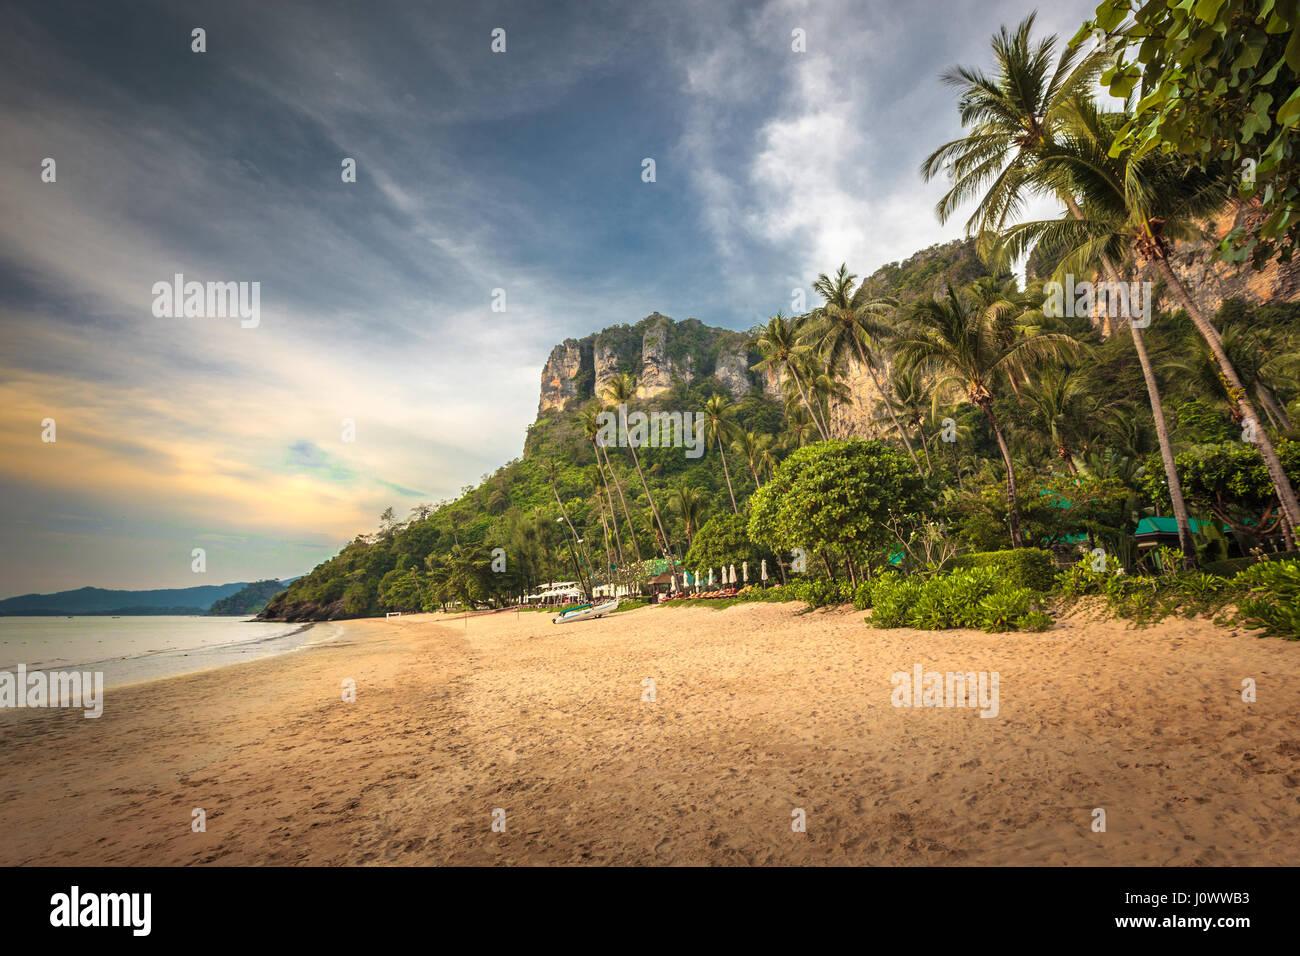 Pai Plong Beach, Ao Nang, province de Krabi, Thaïlande, Asie du Sud-Est Photo Stock